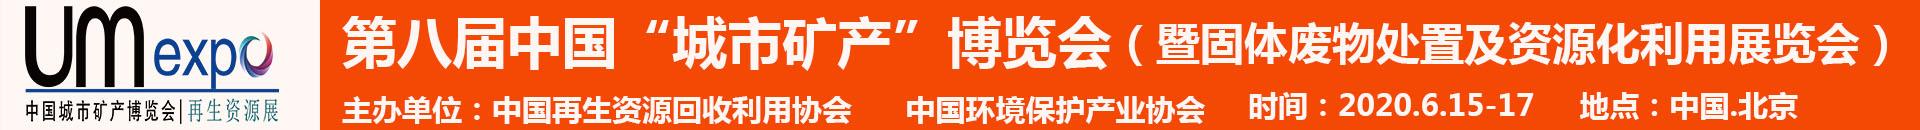 第七届中国城市矿产博览会暨固体废物处置及资源化利用展览会